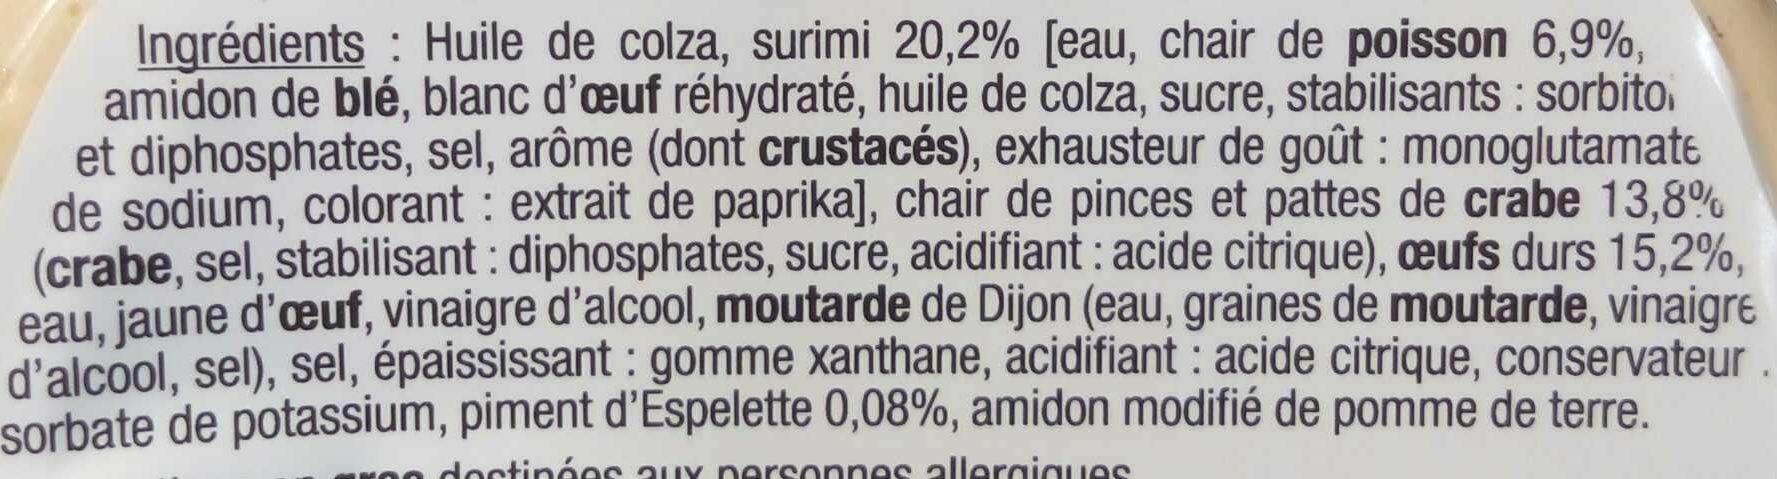 Surimi et Crabe au Piment d'Espelette - Ingrédients - fr